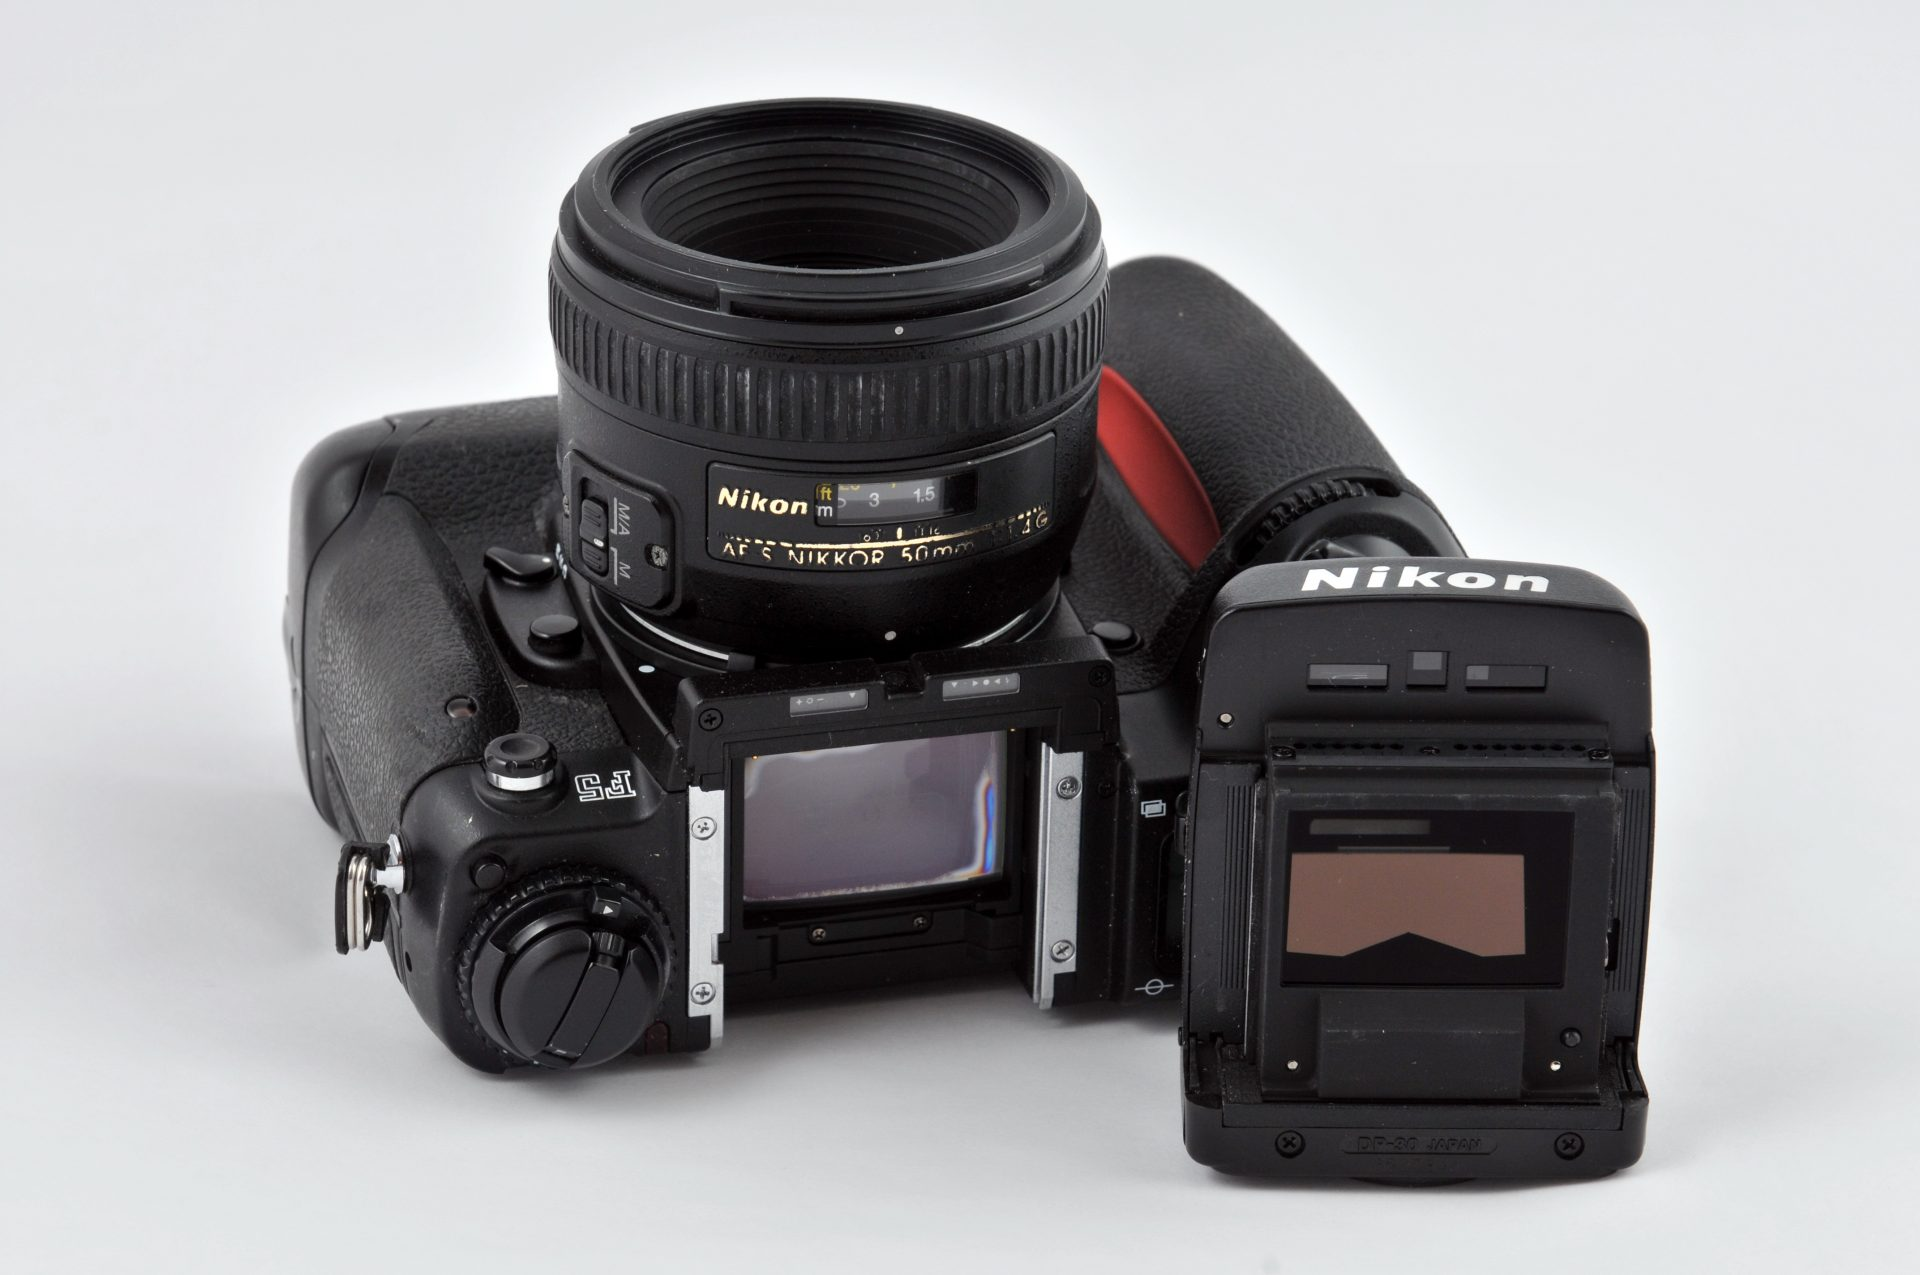 Nikon F5 Spiegelreflex